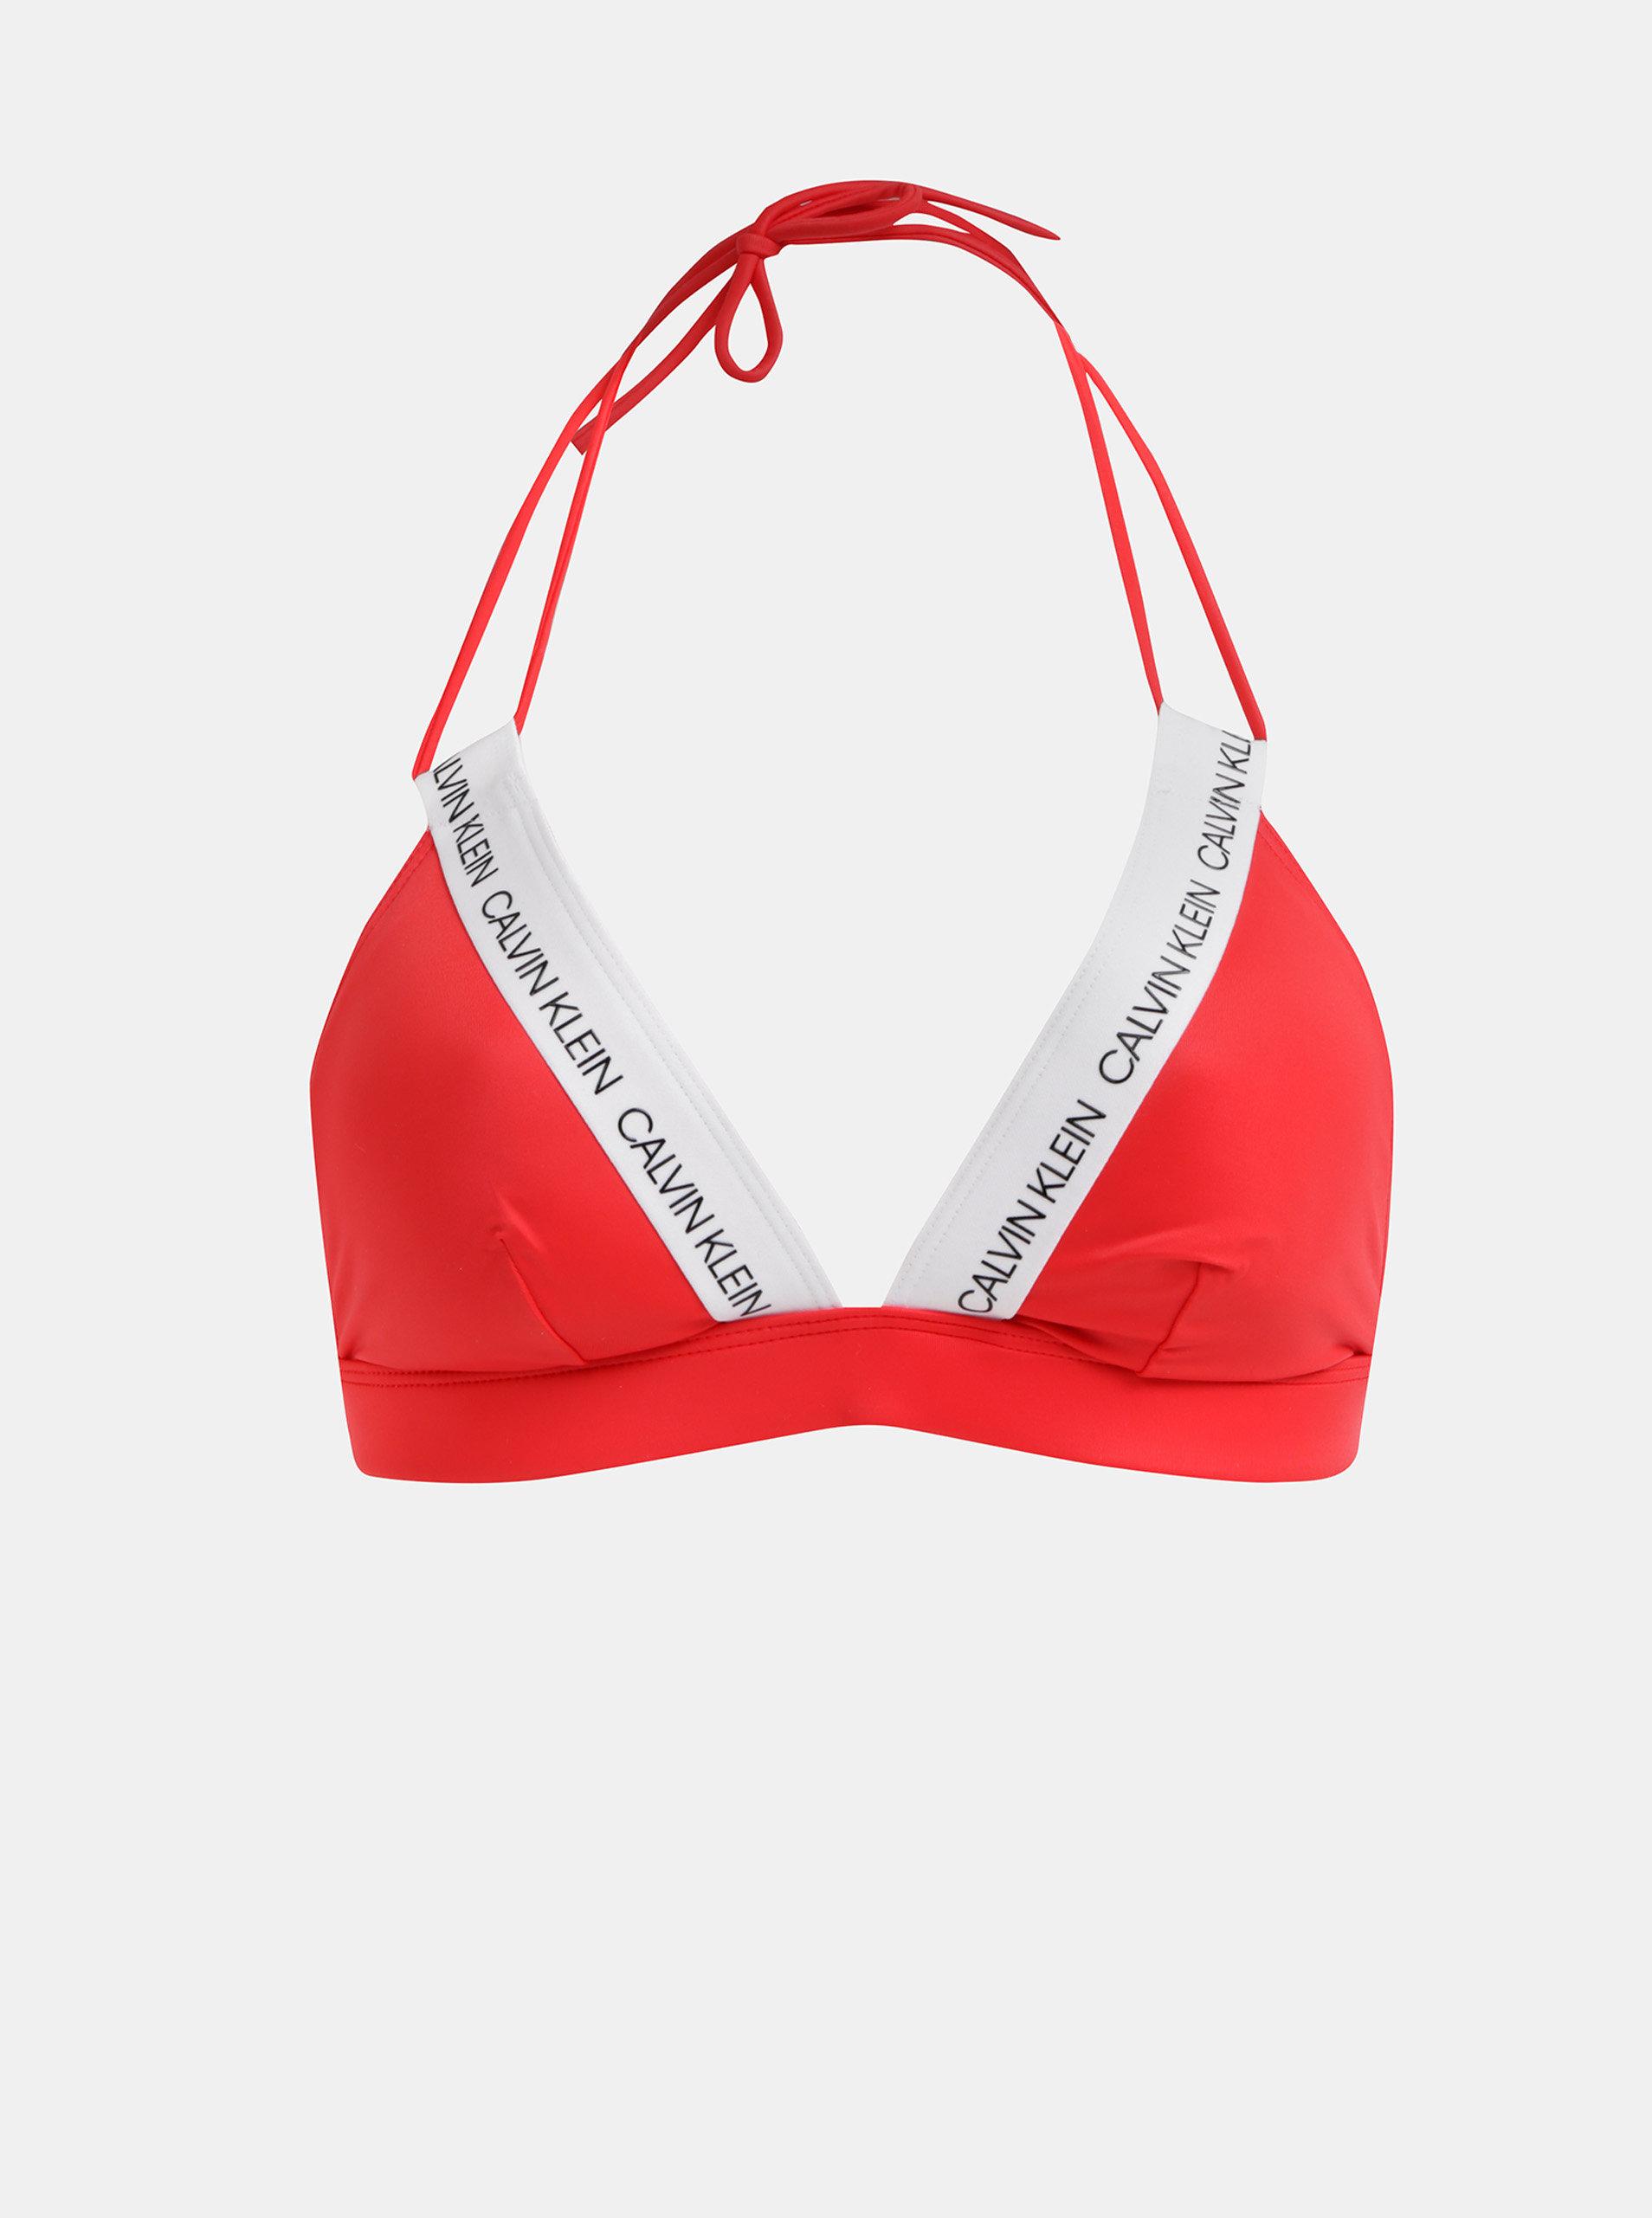 fa068081dc Červený dámsky vrchný diel plaviek Calvin Klein Underwear ...